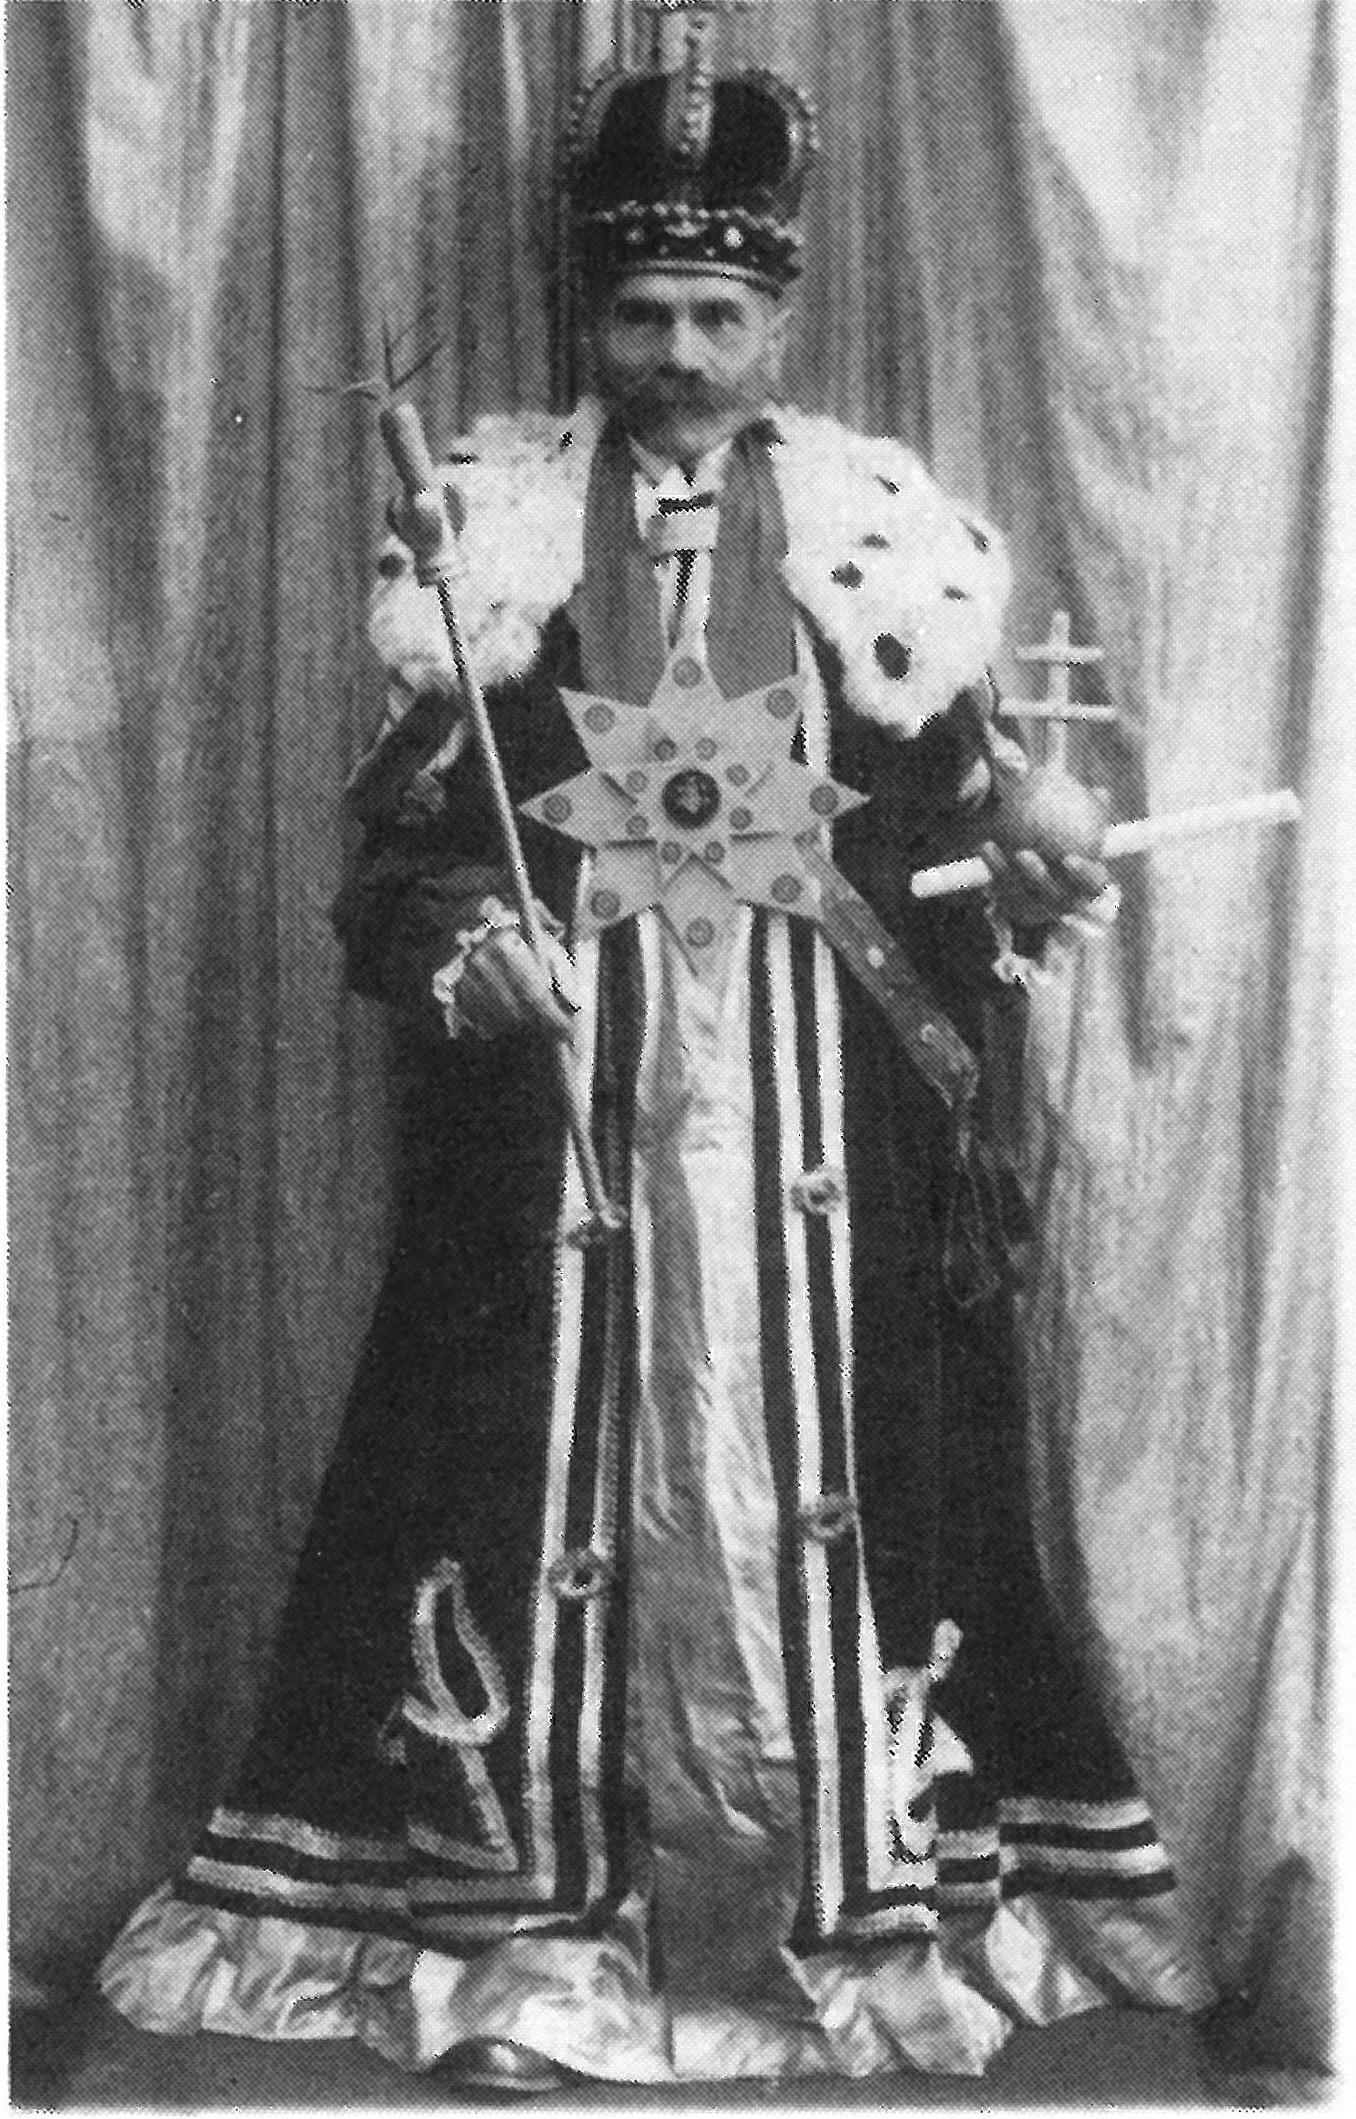 3. Okurkový král zvolený roku 1930. Střelnice